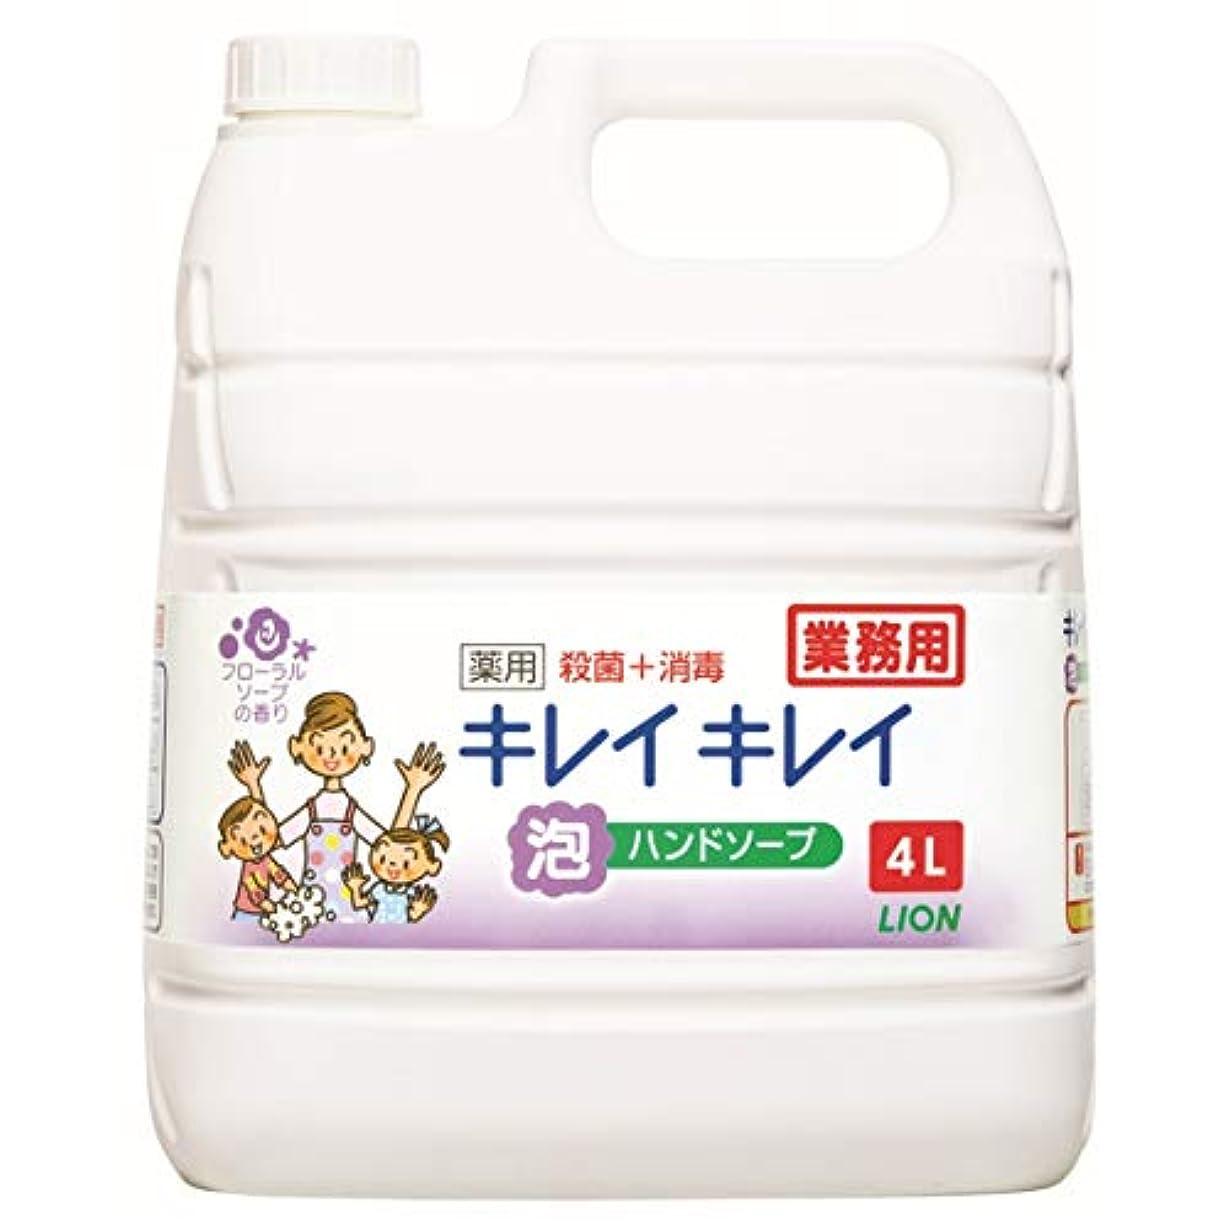 険しい補助金にぎやか【業務用 大容量】キレイキレイ 薬用 泡ハンドソープフローラルソープの香り 4L(医薬部外品)